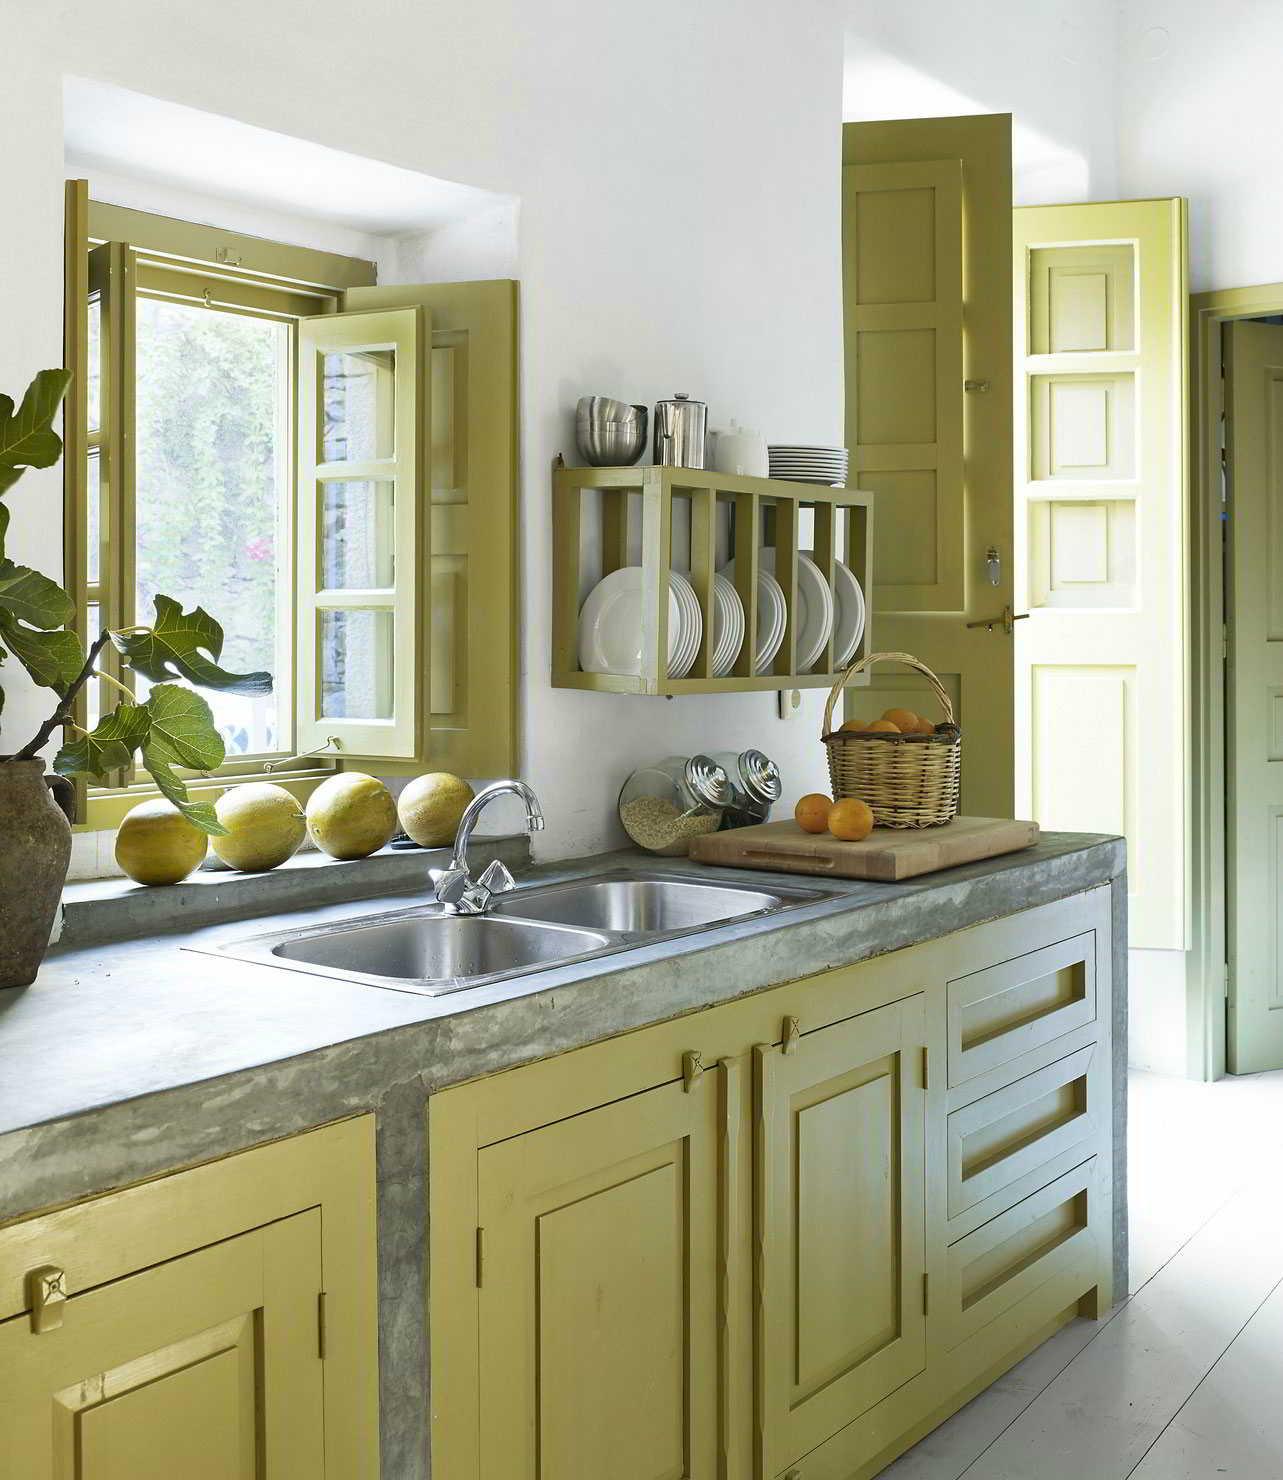 Desain Dapur Sederhana Unik Dengan Biaya Murah